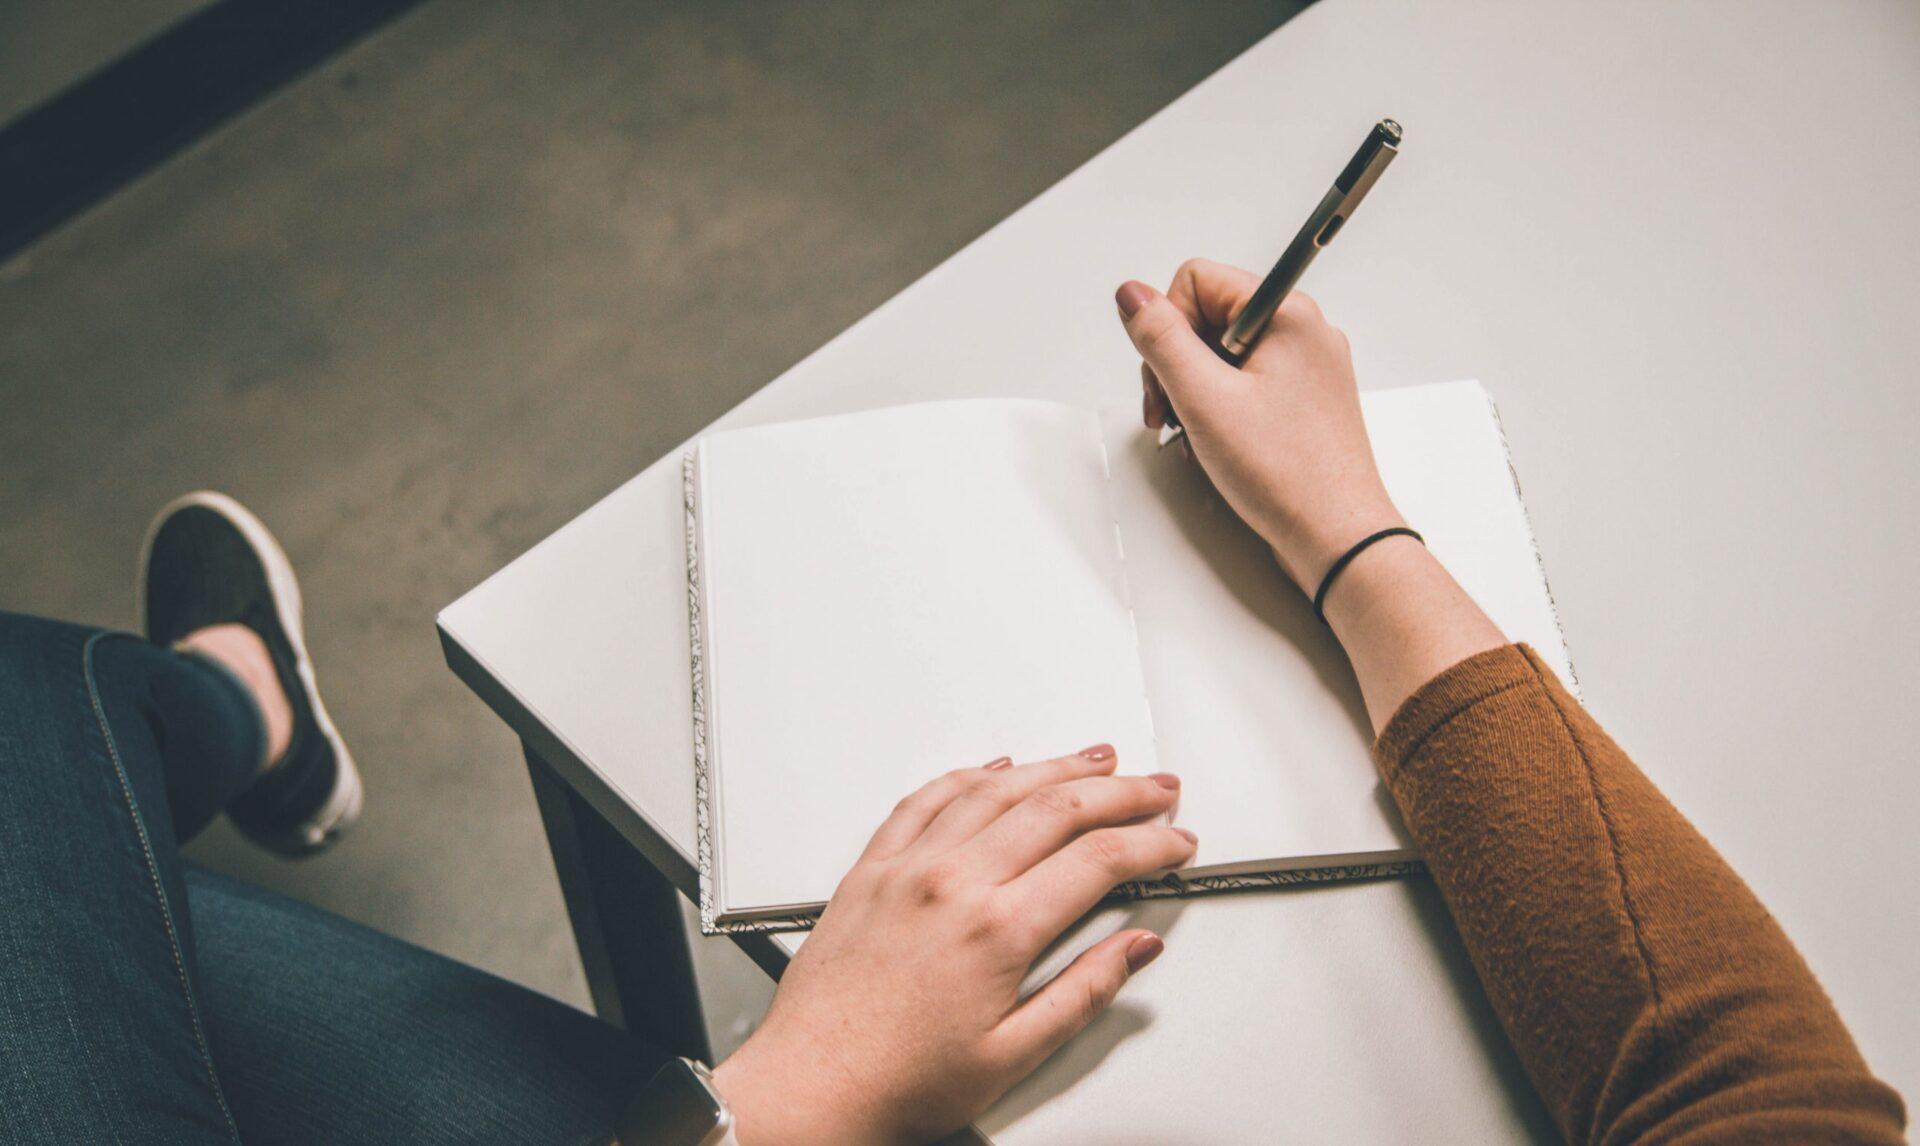 Prendi appunti! Ecco 3 strategie utili per scrivere la tua lettera di presentazione da architetto.